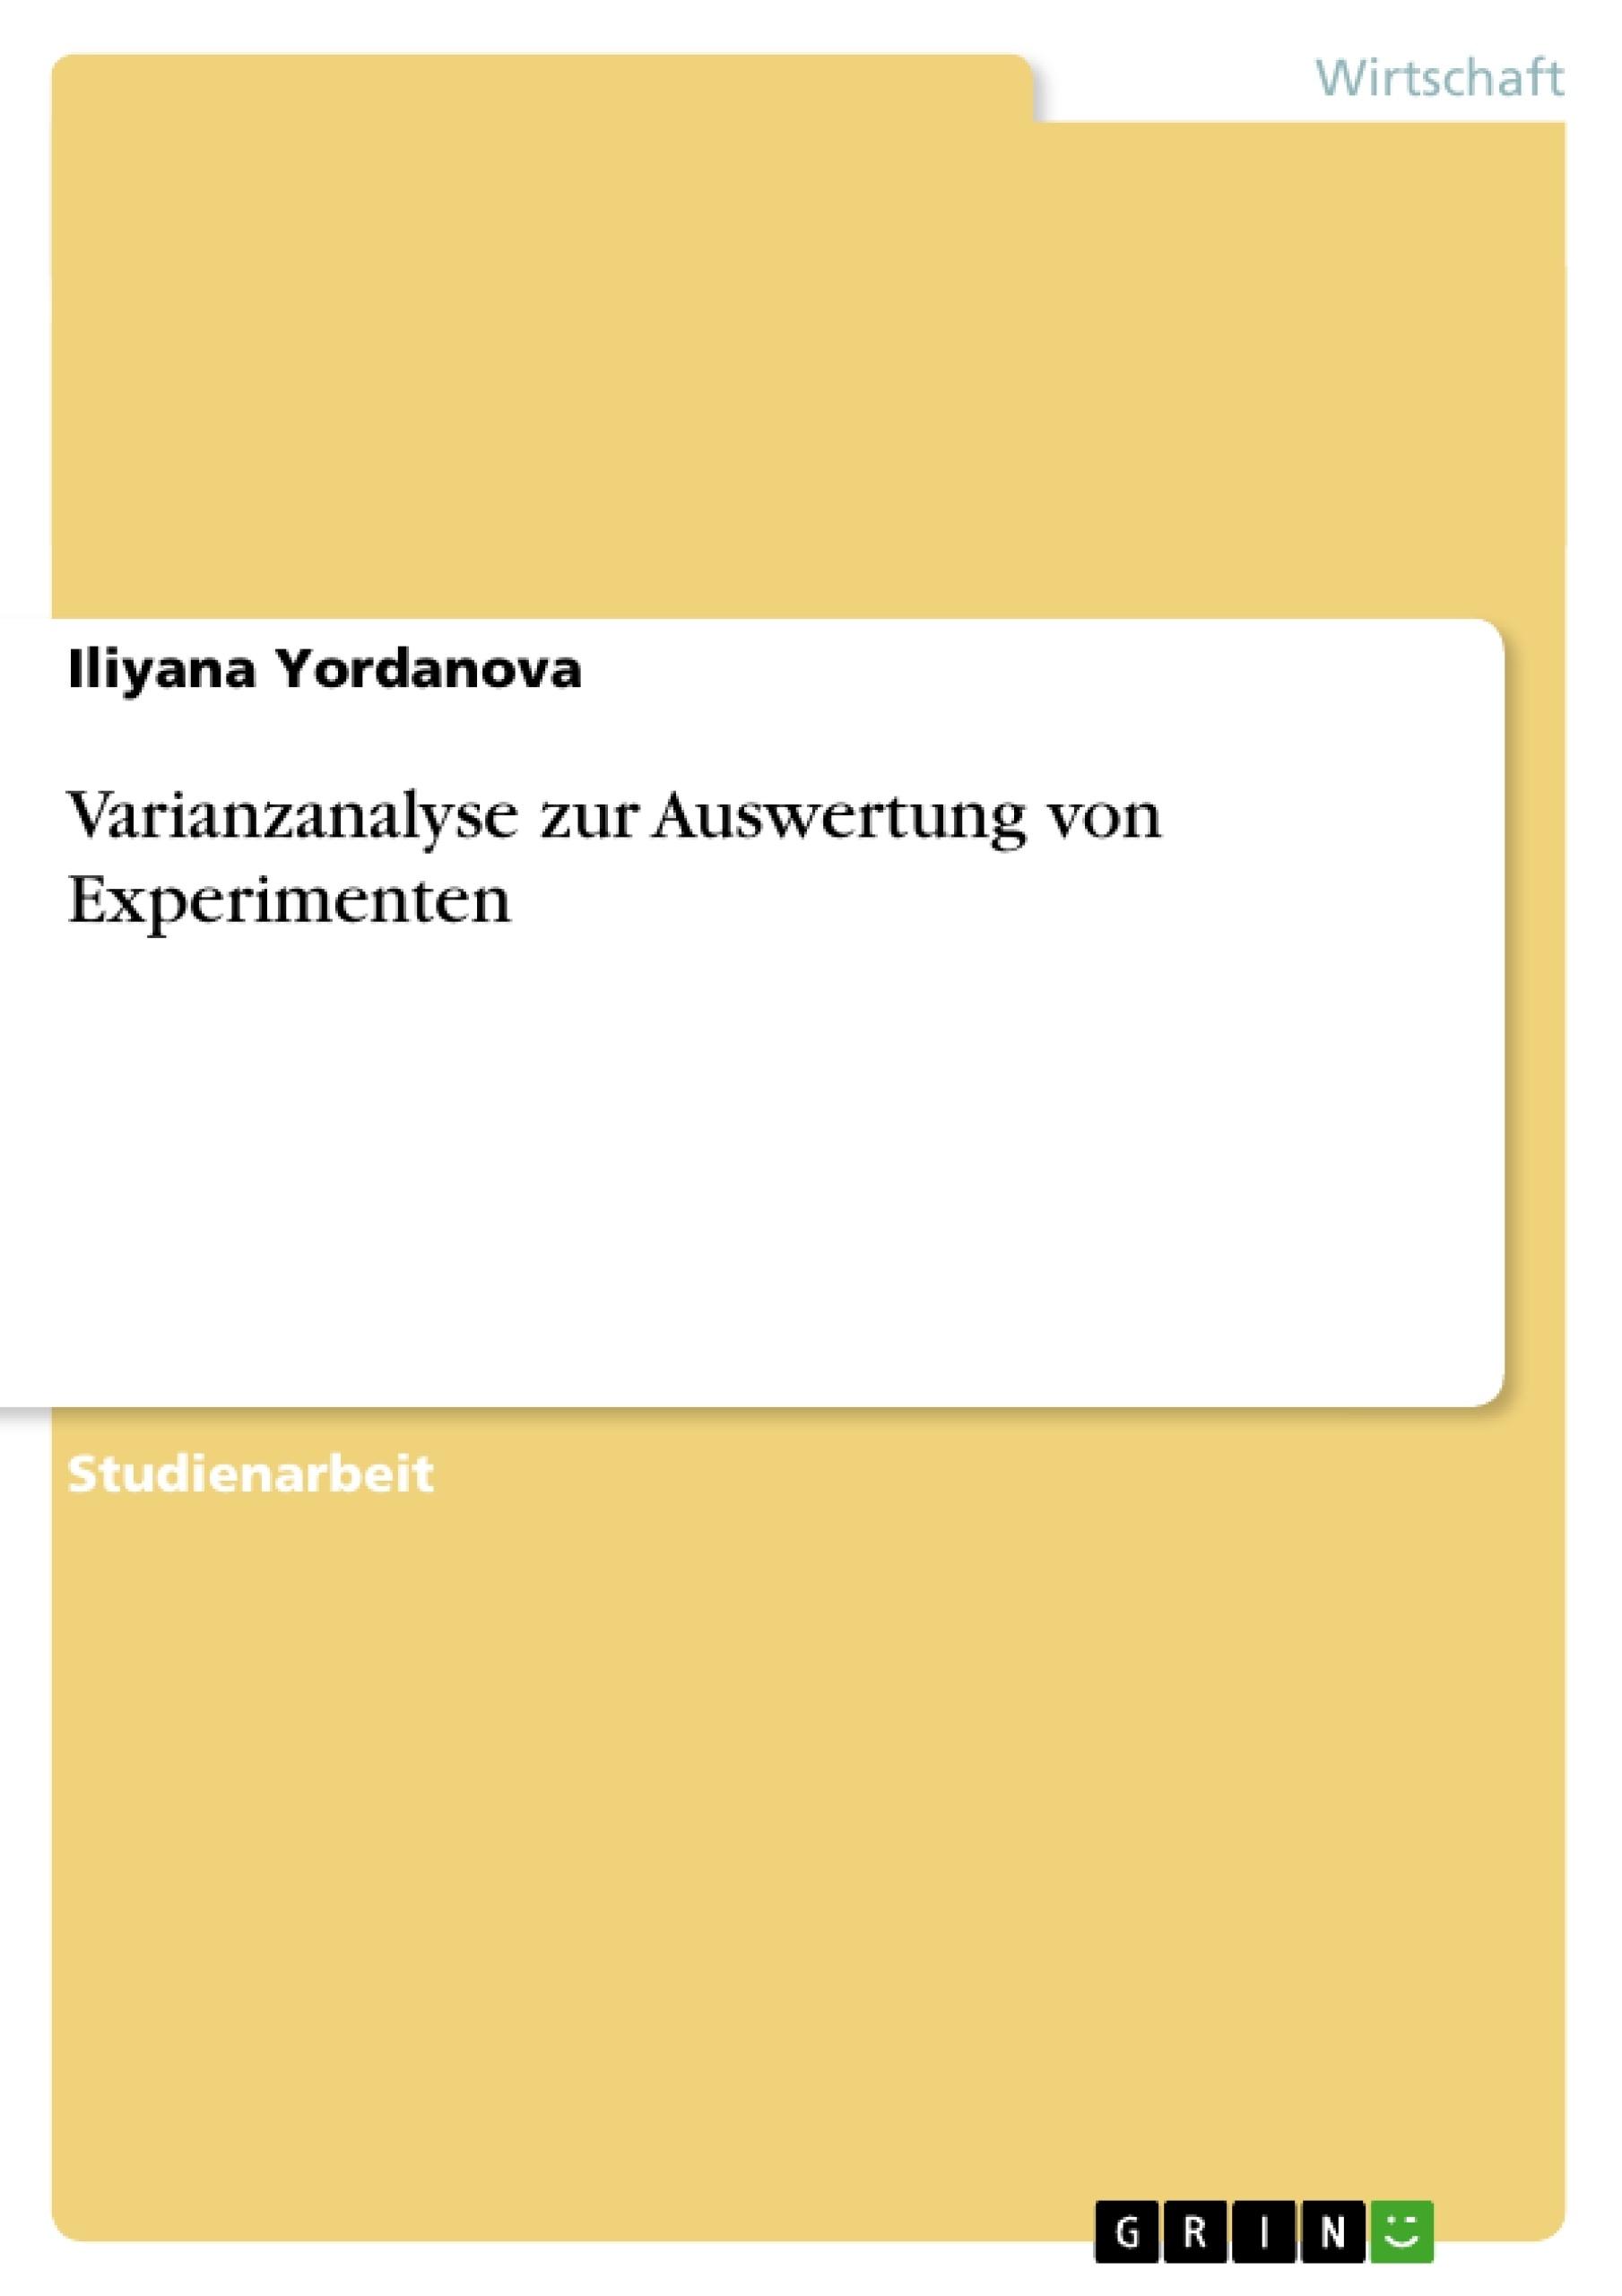 Titel: Varianzanalyse zur Auswertung von Experimenten